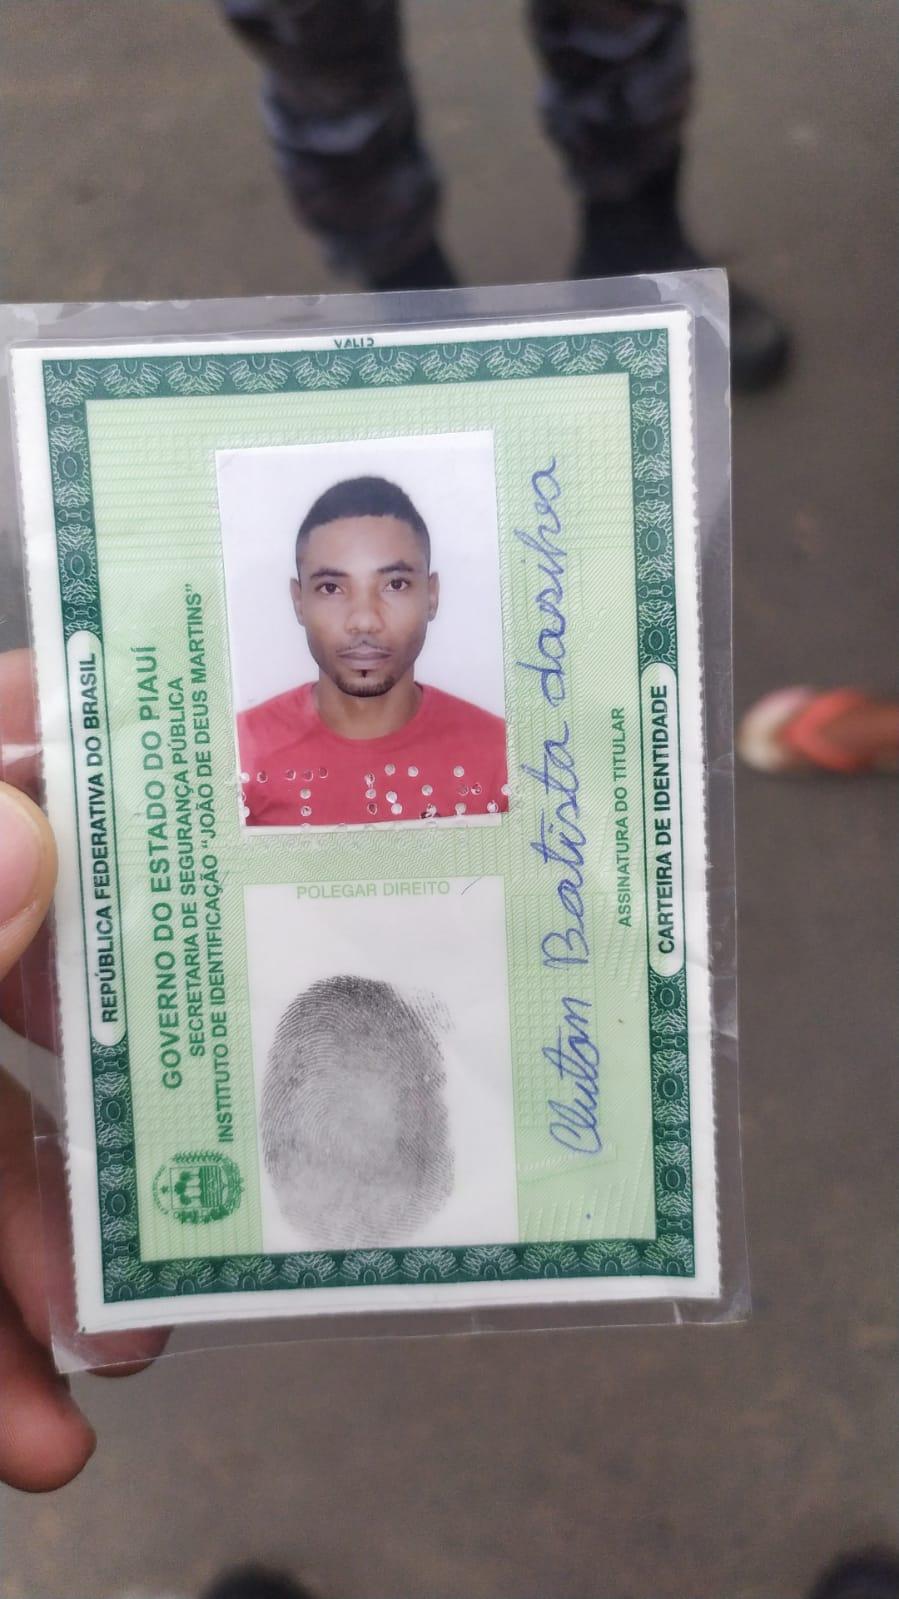 Identificação do suspeito que veio a óbito na zona Sul - Foto: Reprodução